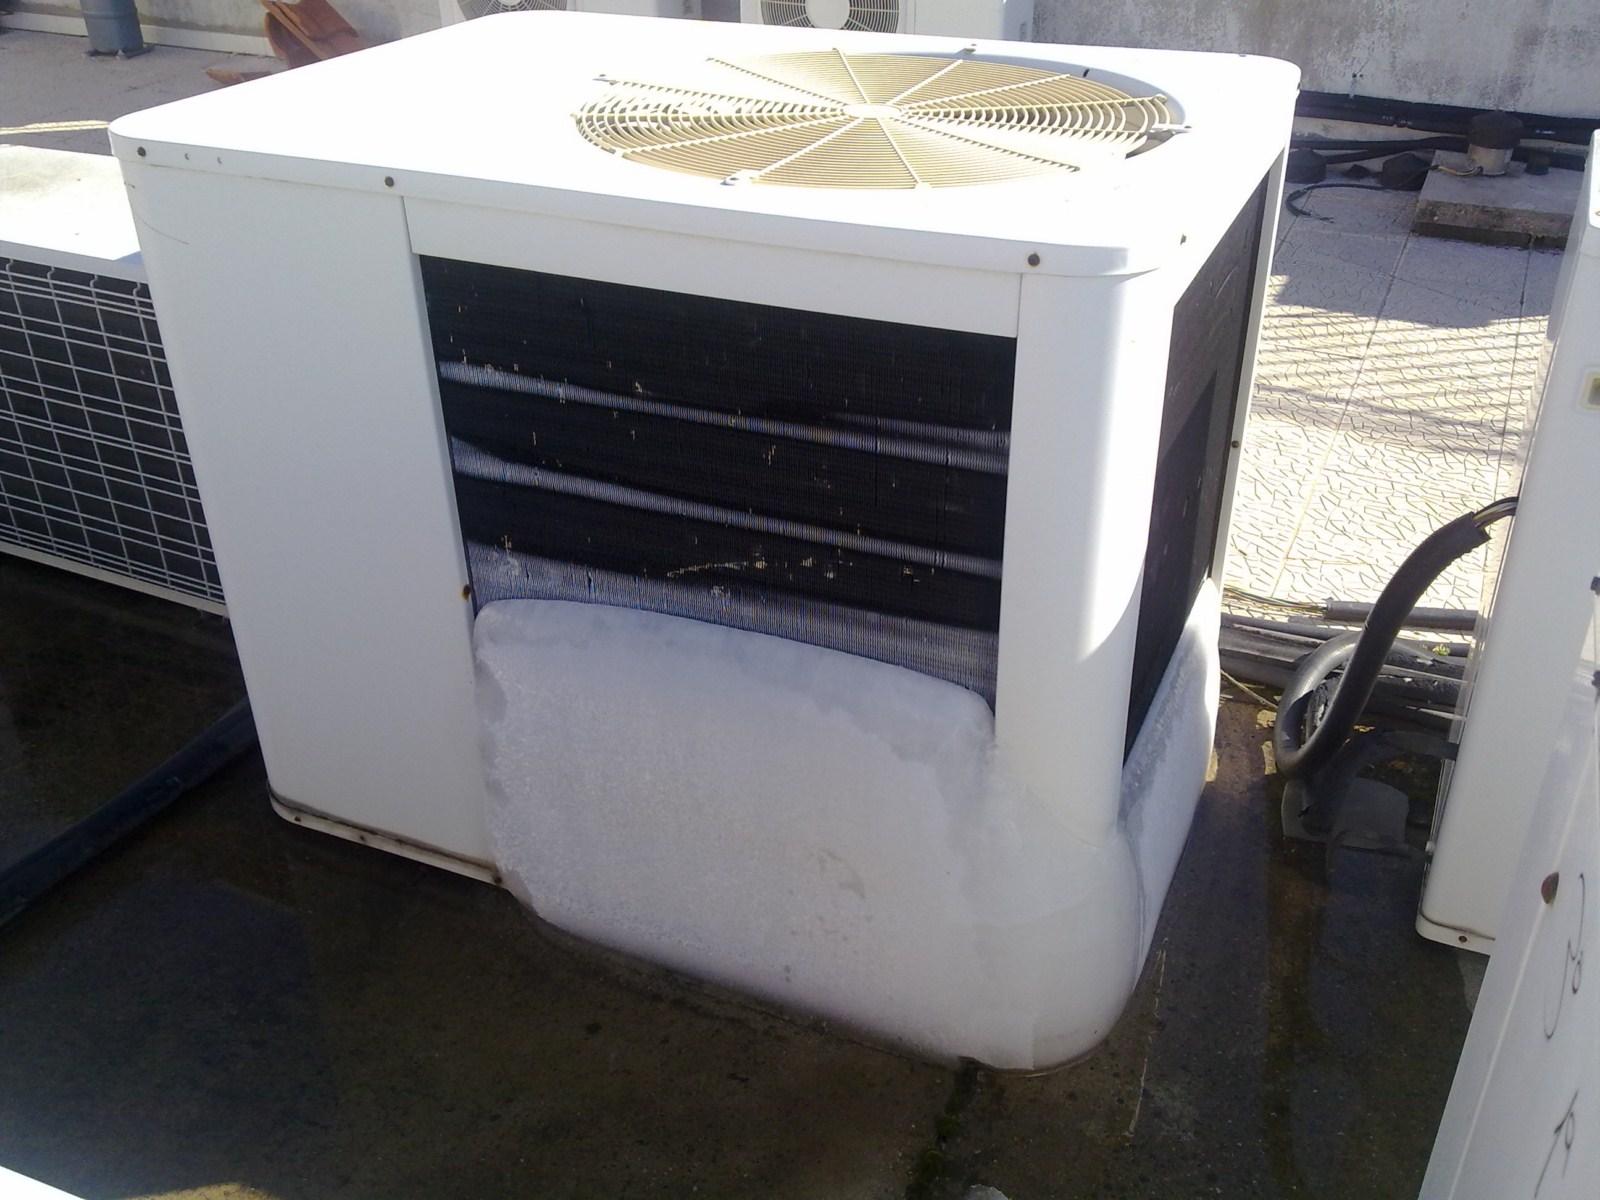 Renovaci n de m quinas de aire acondicionado dpv for Maquinas de aire acondicionado baratas